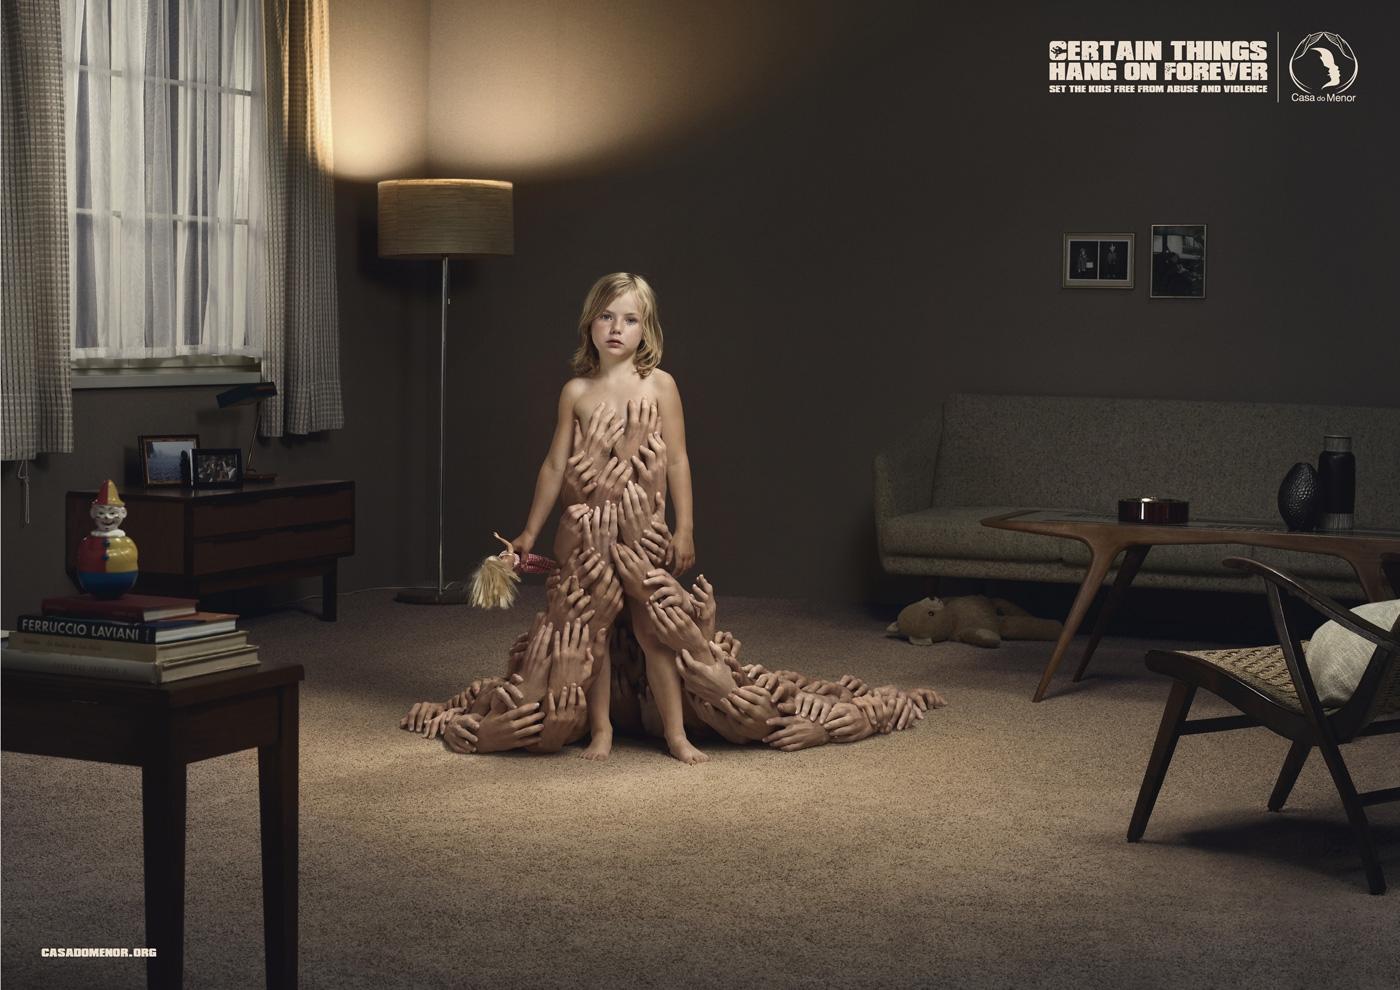 Geek Cat - Marketing - kreatywna kampania przeciw molestowaniu dzieci